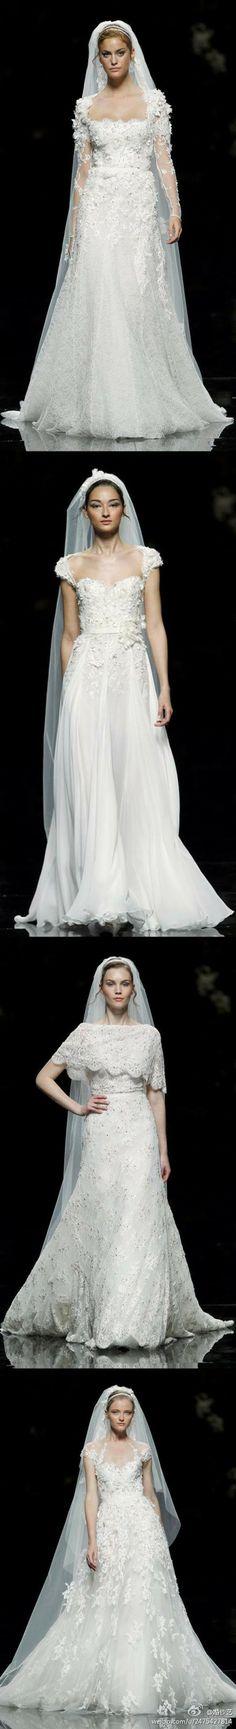 Quatro super lindo vestido de noiva de Renda, Véu de Renda de Longo, o laço bordado ...